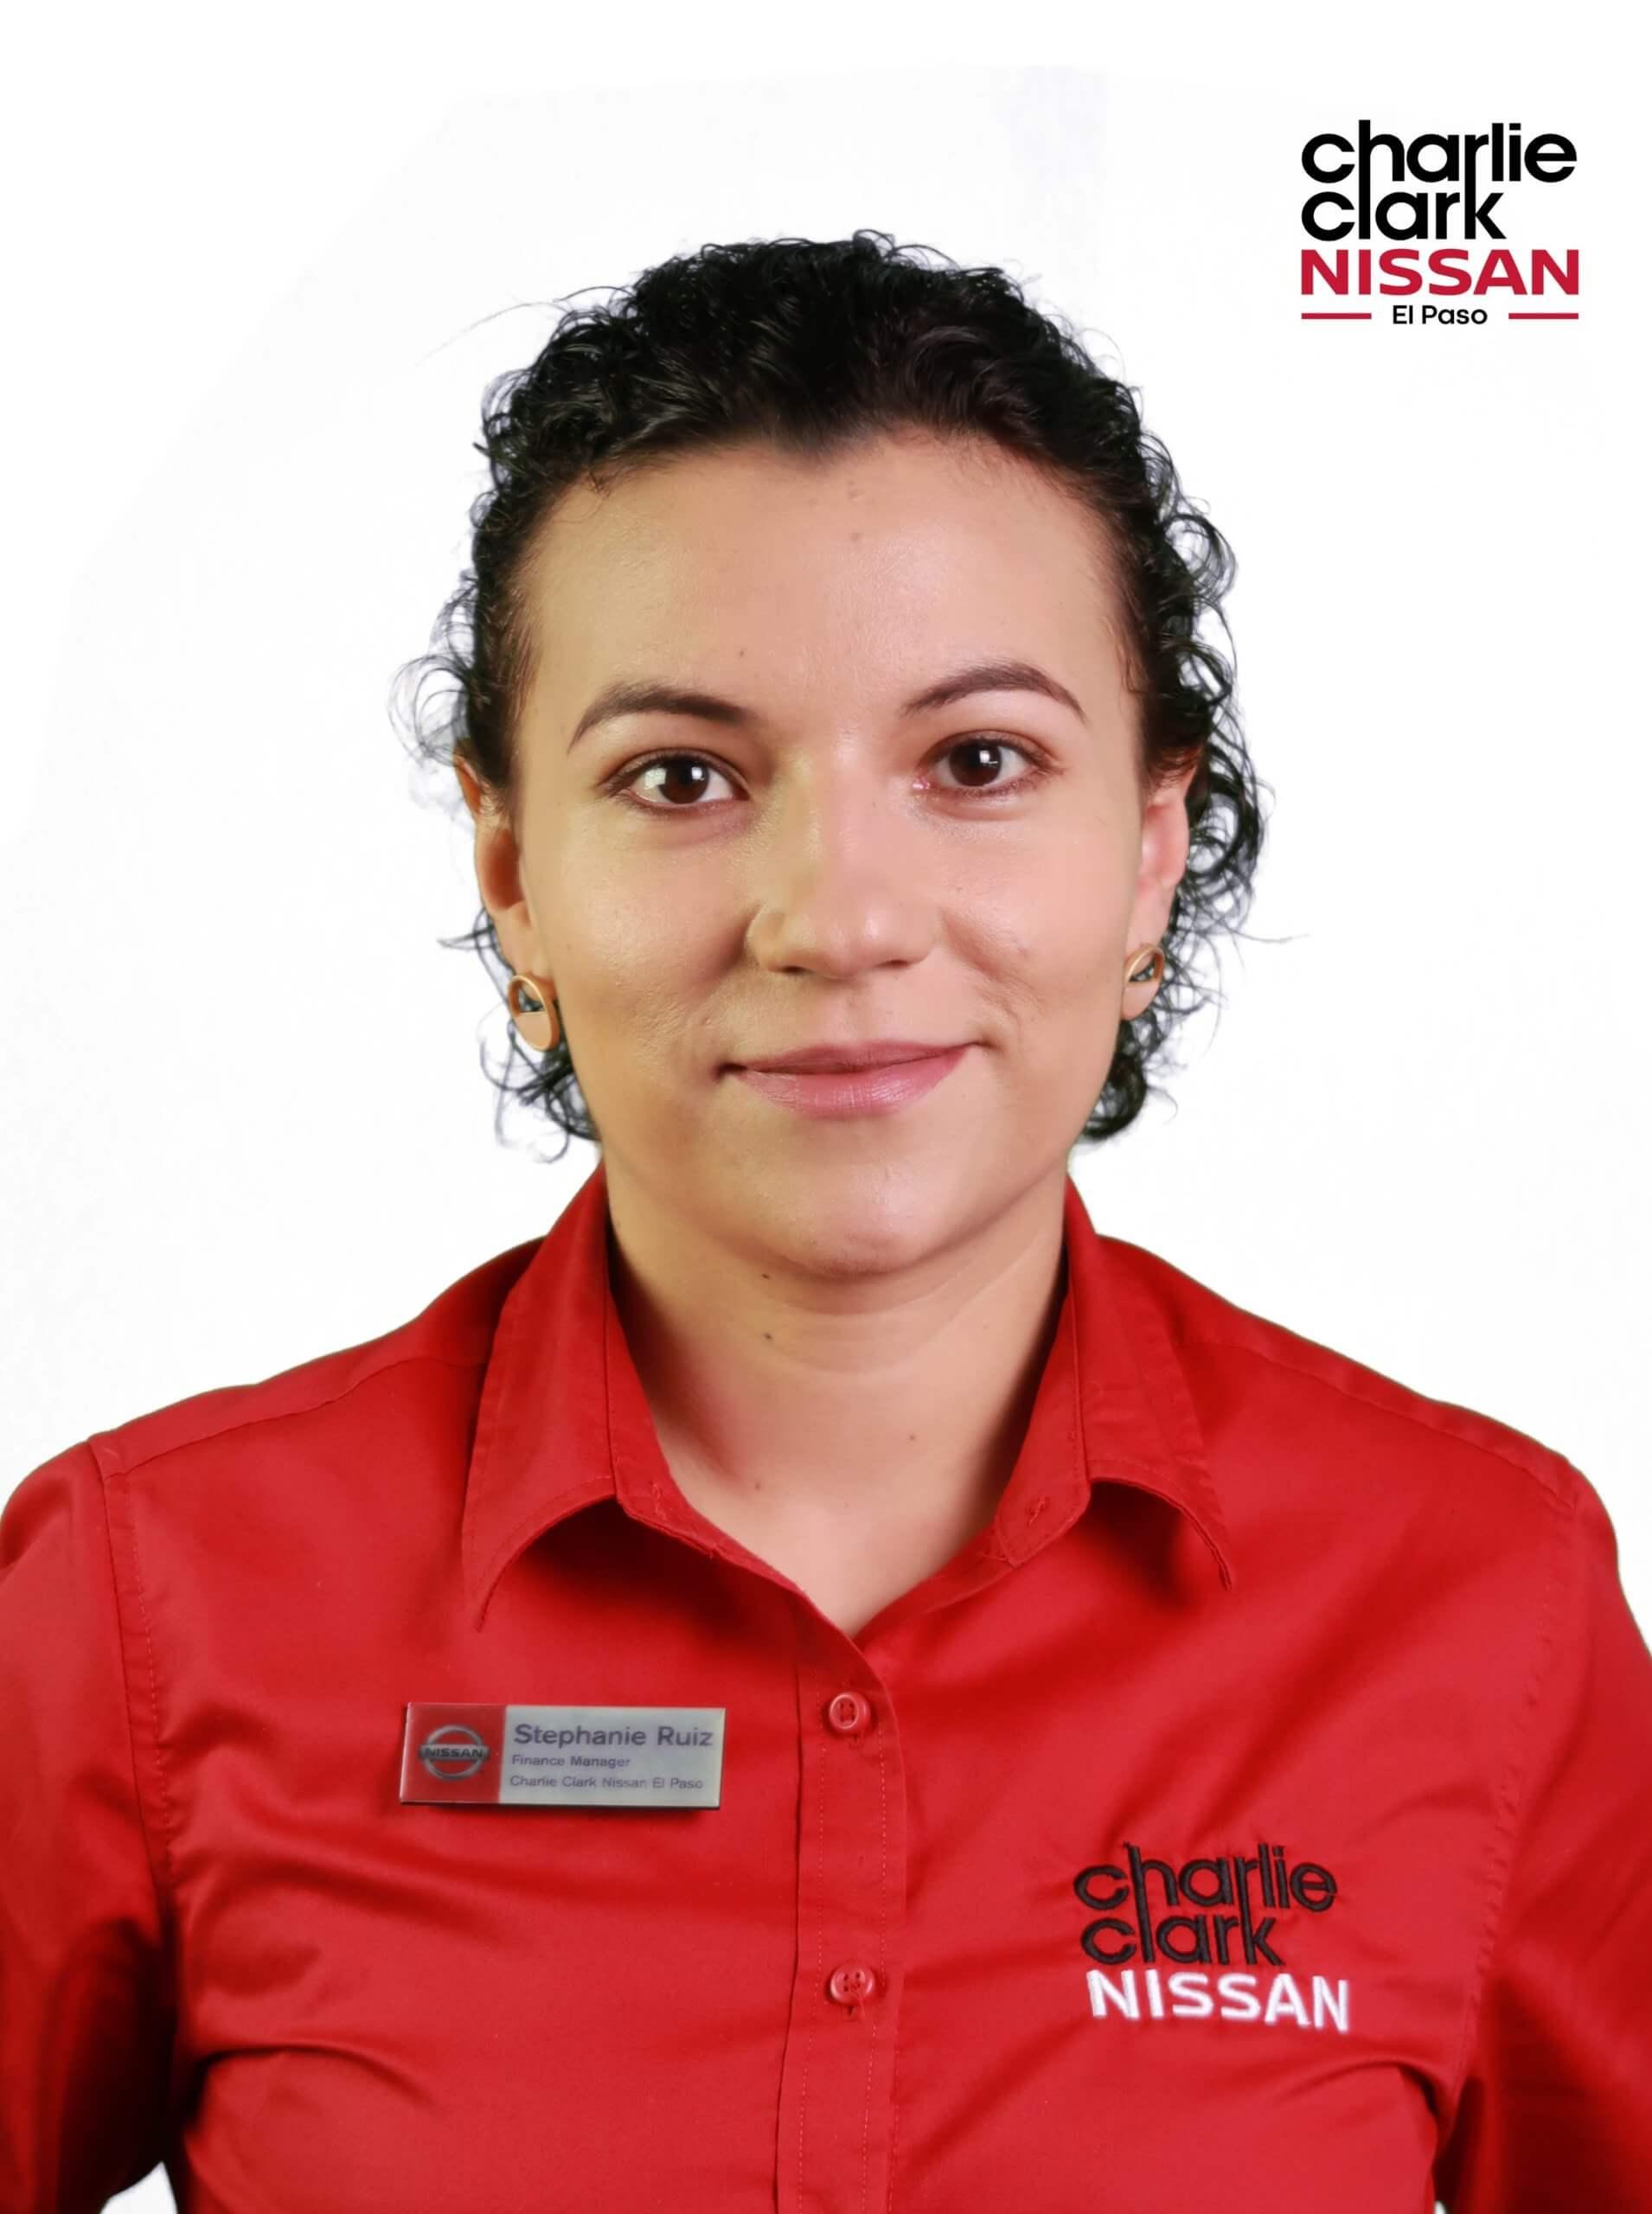 Stephanie Ruiz